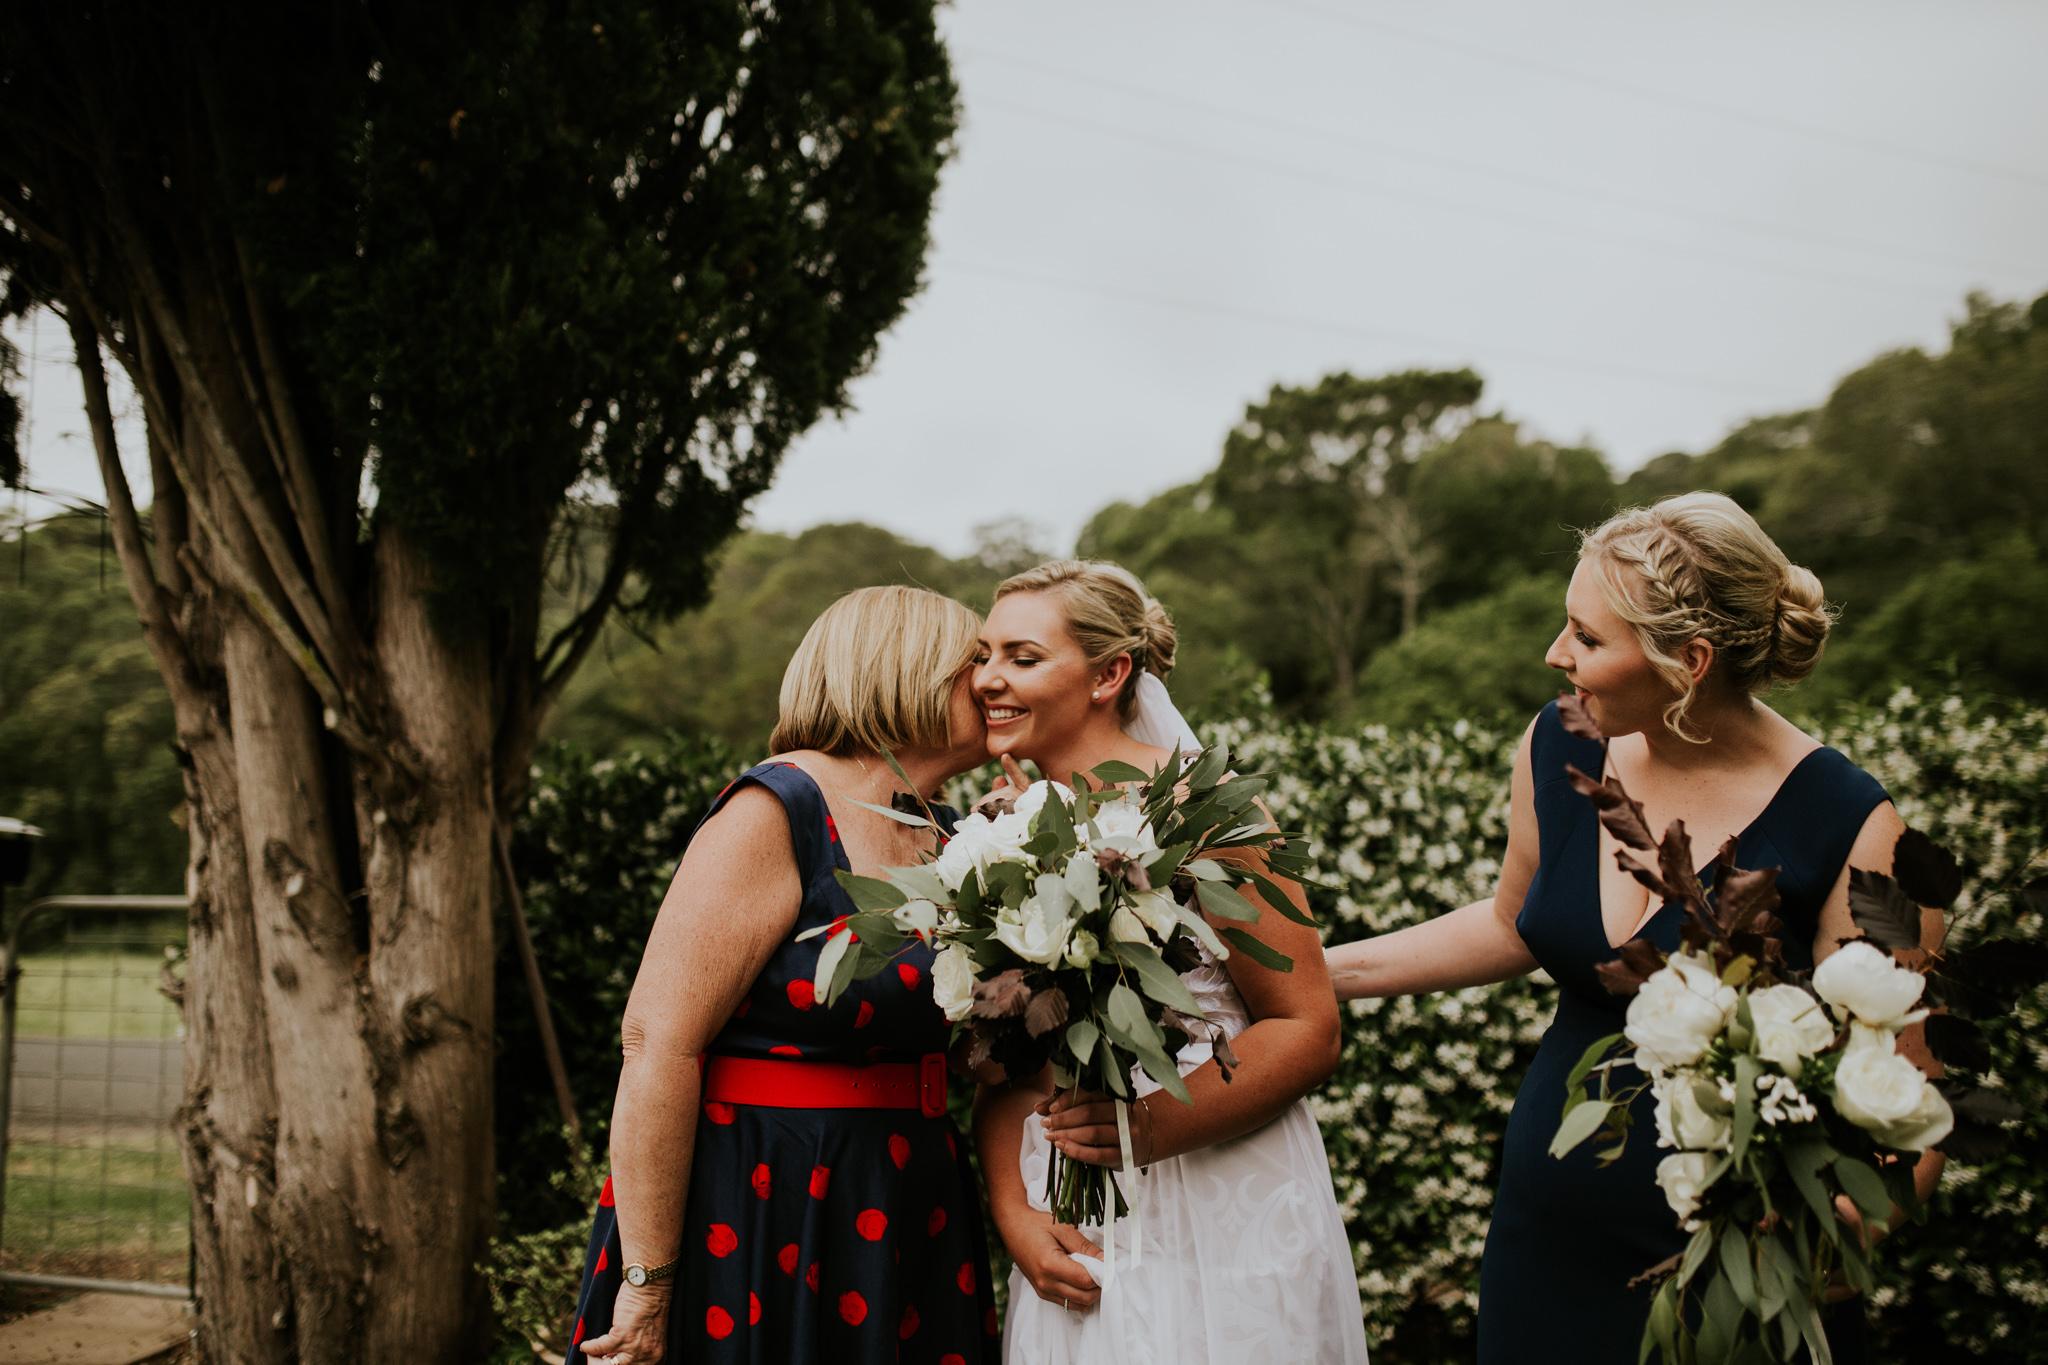 Lucy+Kyle+Kiama+Sebel+wedding-39.jpg